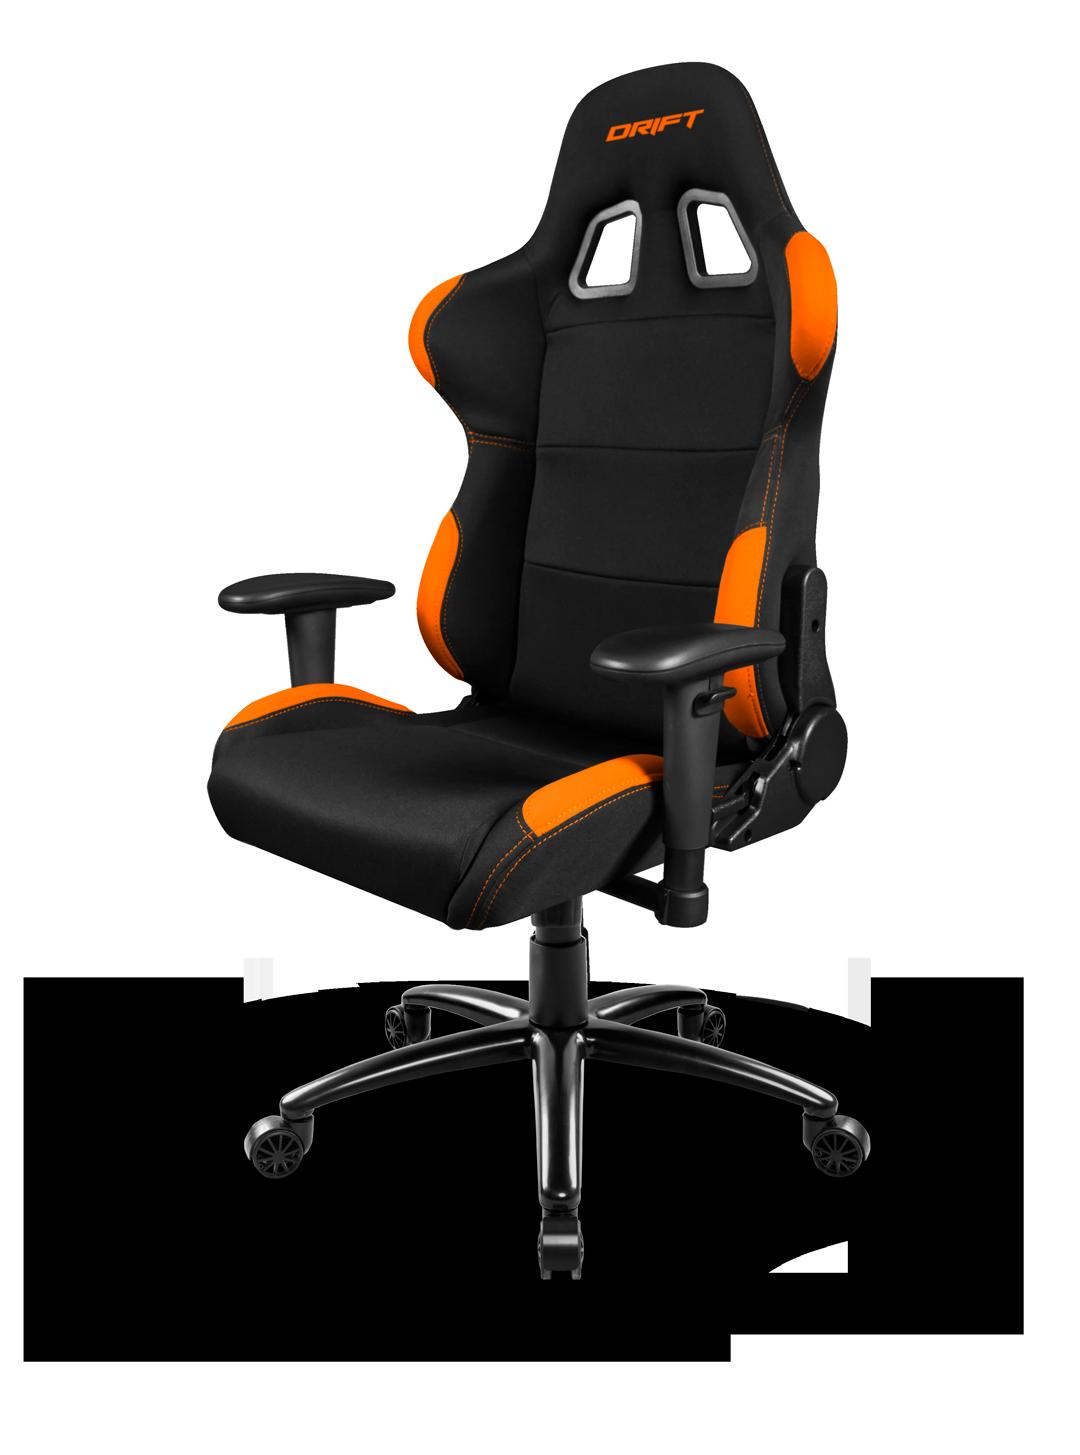 Silla gaming drift dr100 negra naranja for Silla ordenador gamer